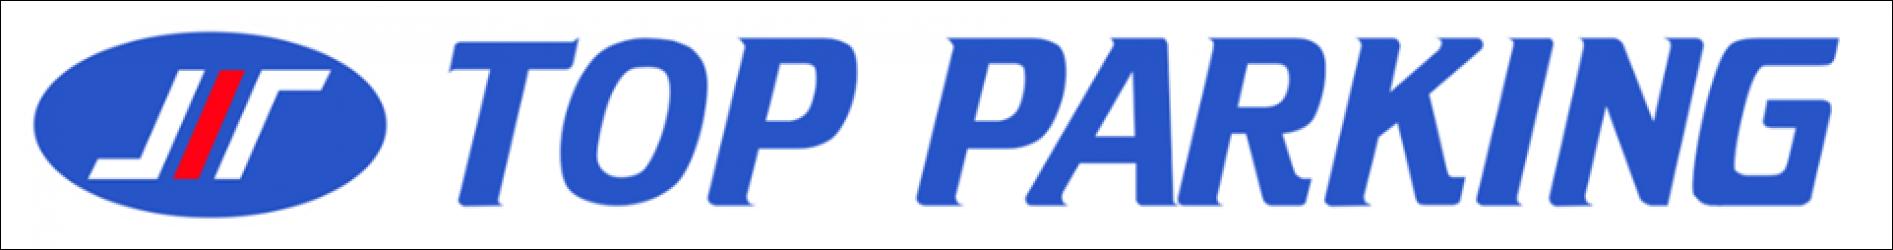 Top Parking